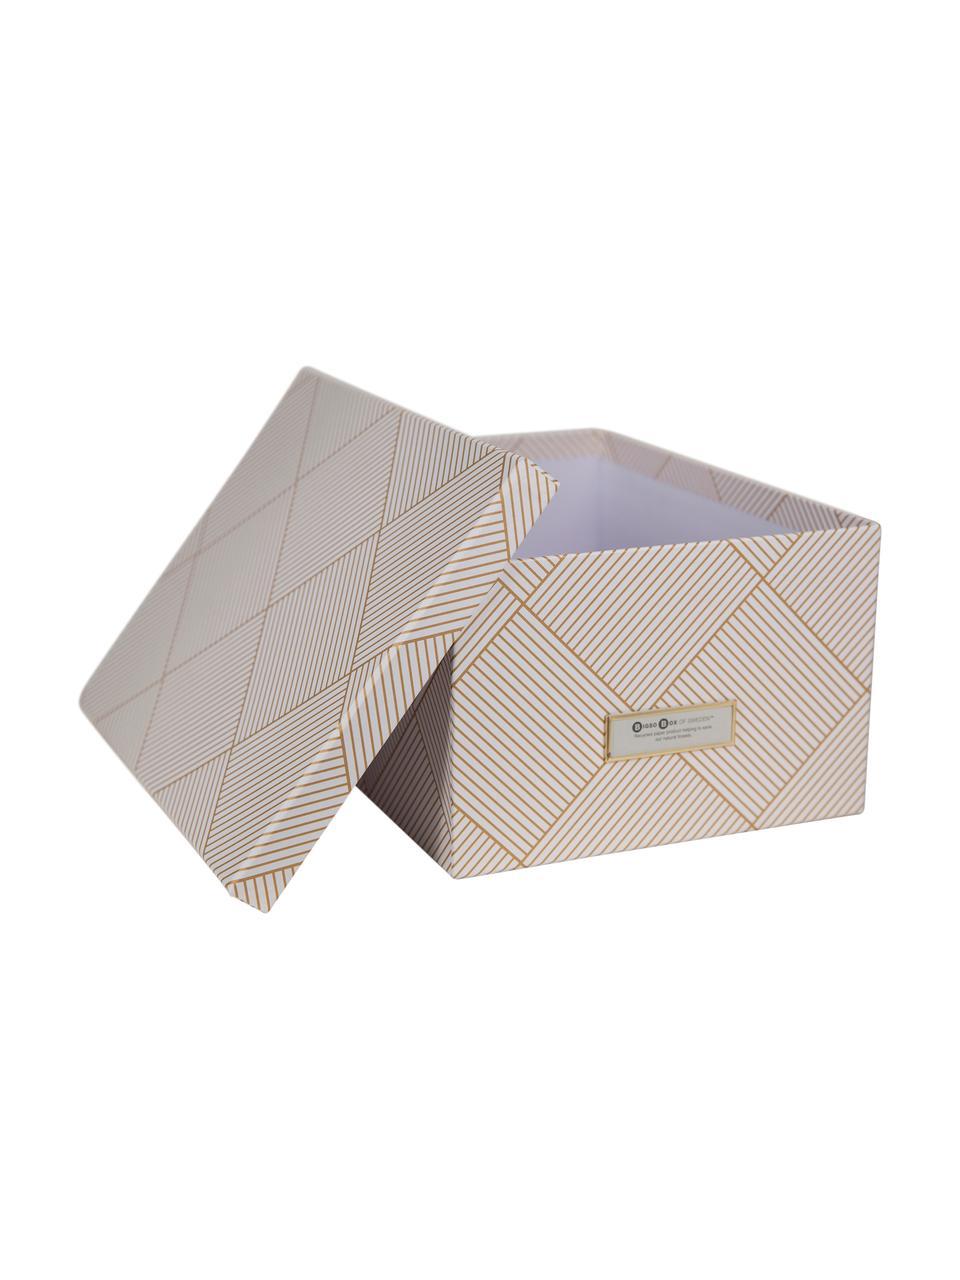 Aufbewahrungsbox Gustav, Box: Fester, laminierter Karto, Goldfarben, Weiß, 30 x 15 cm